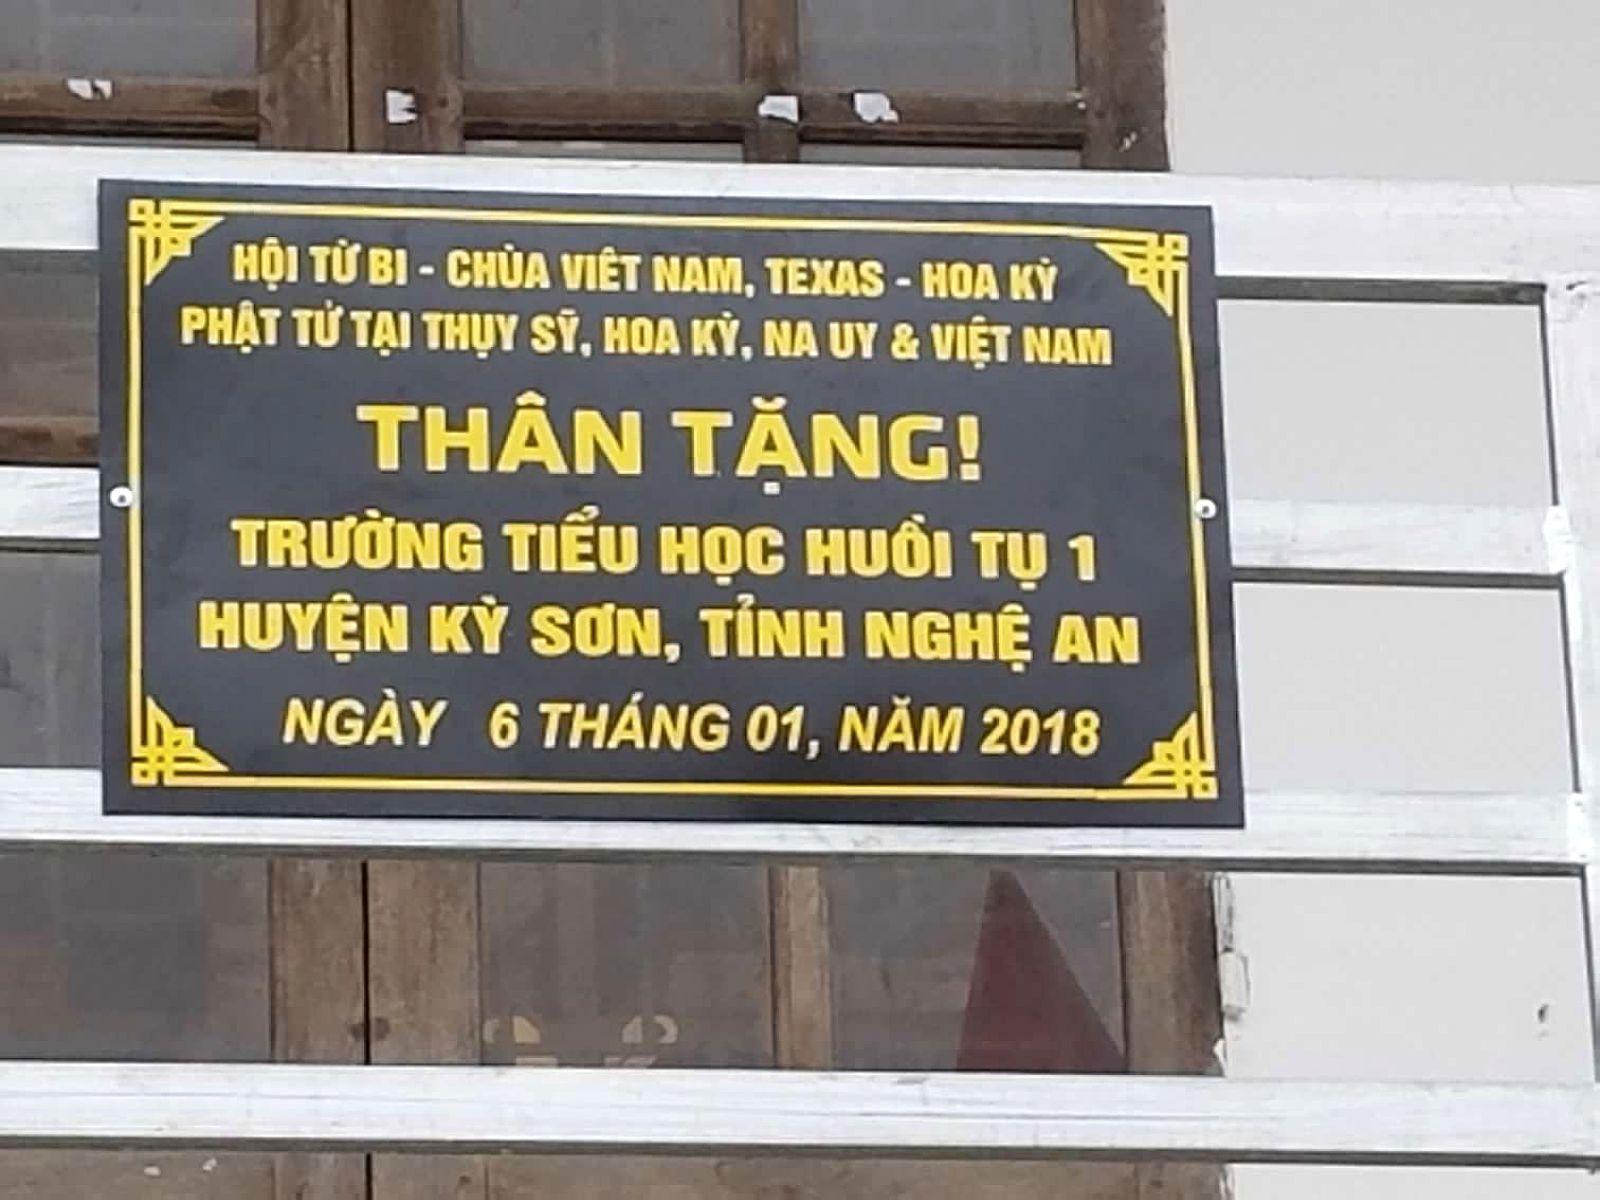 77 truong tieu hoc Huoi Tu sau khi sua (71)